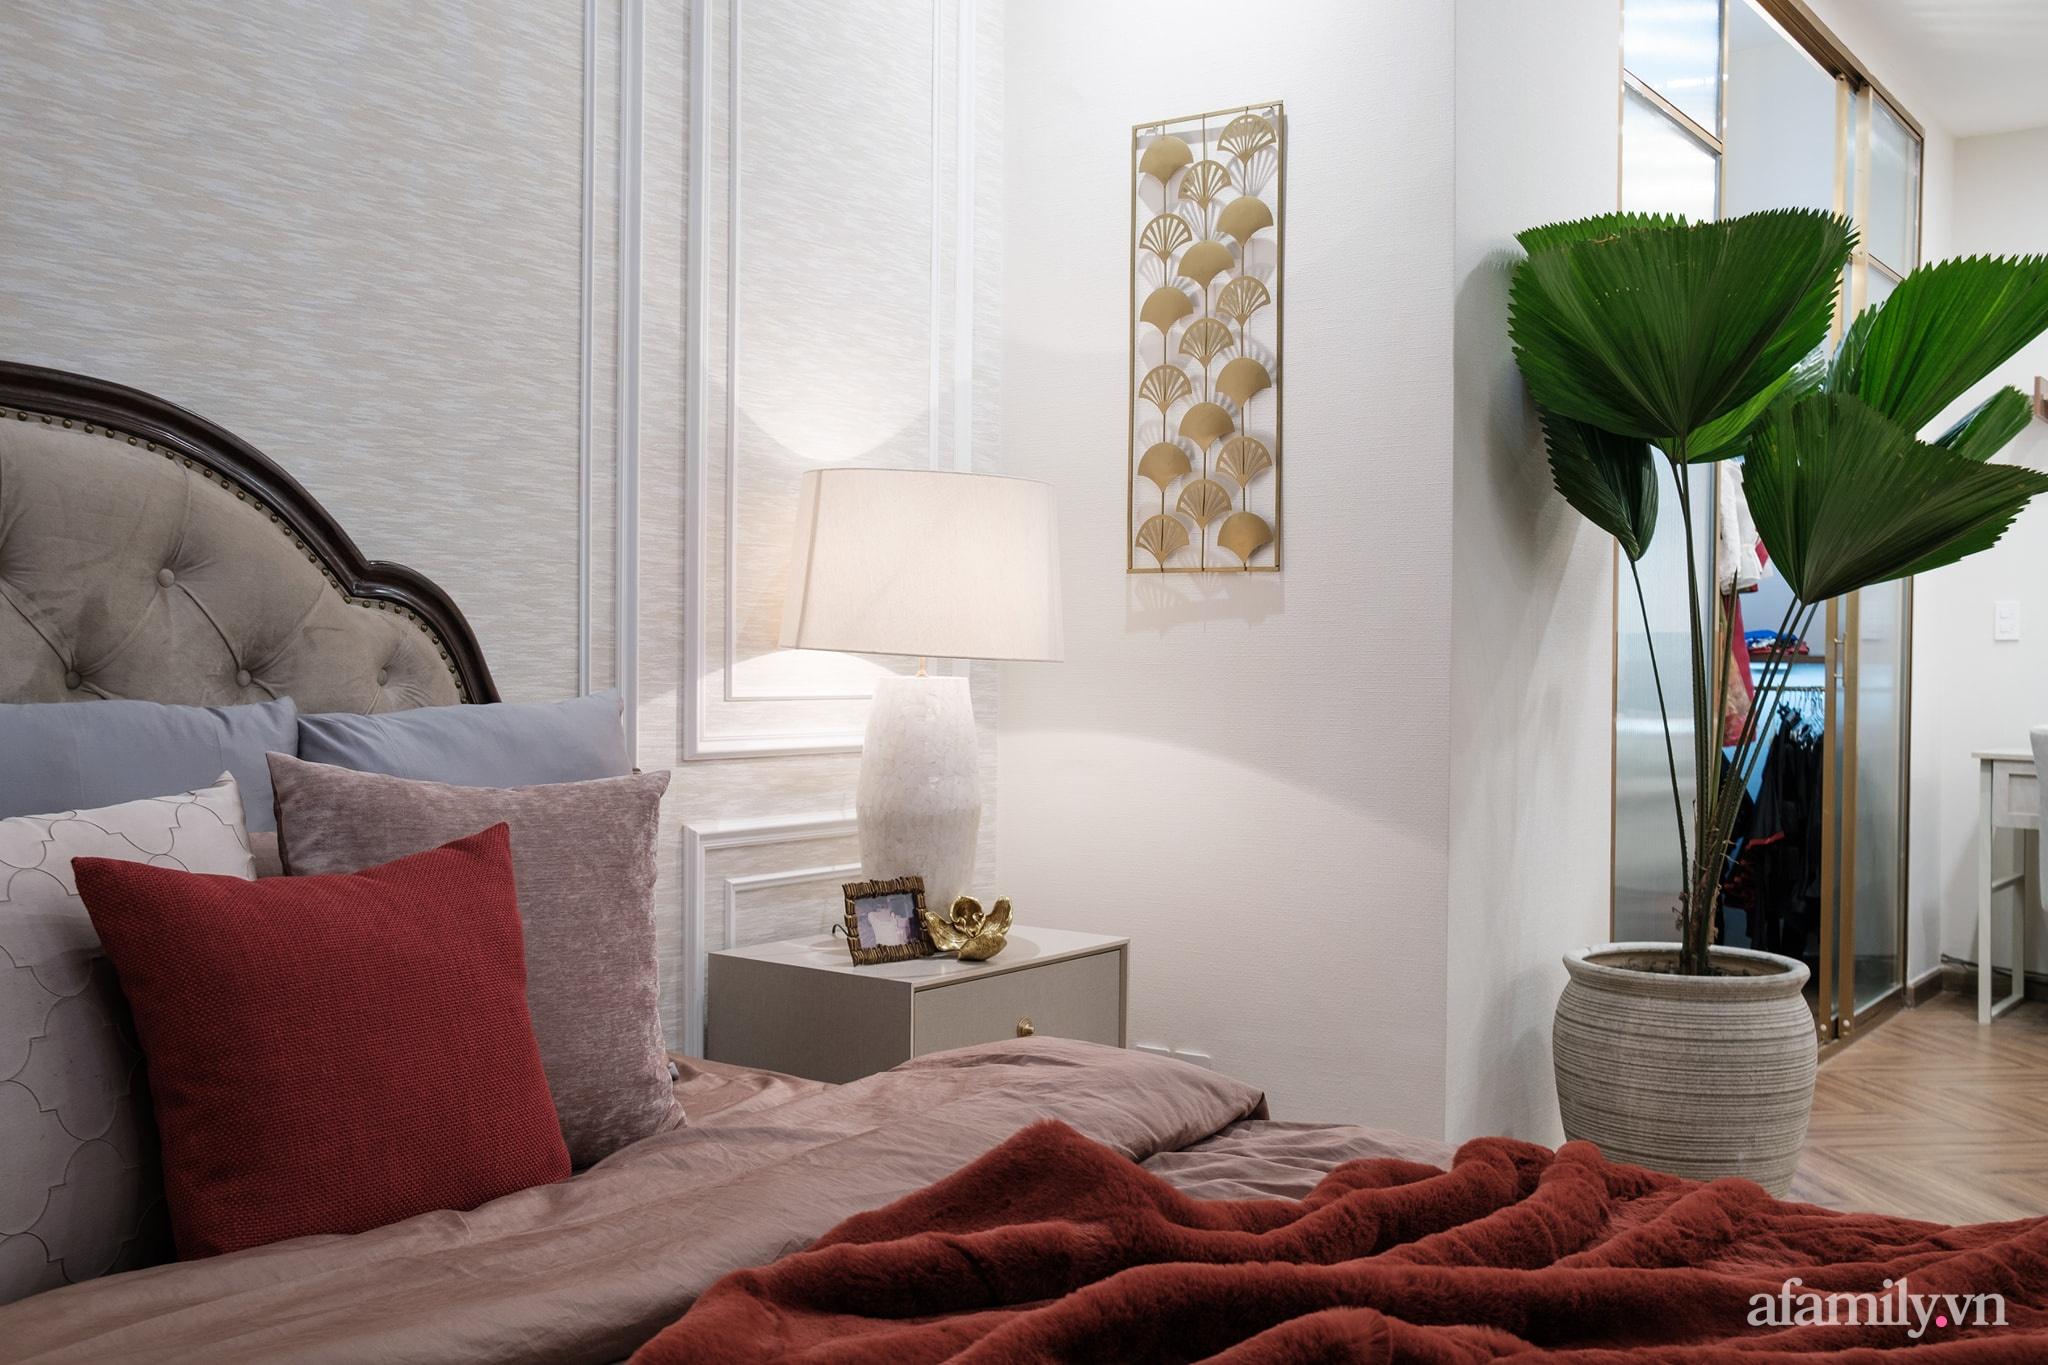 Lột xác phòng ngủ cũ kỹ thành không gian đẳng cấp 5 sao dành cho cặp vợ chồng U70 chỉ trong 2 tuần ở Sài Gòn - Ảnh 17.